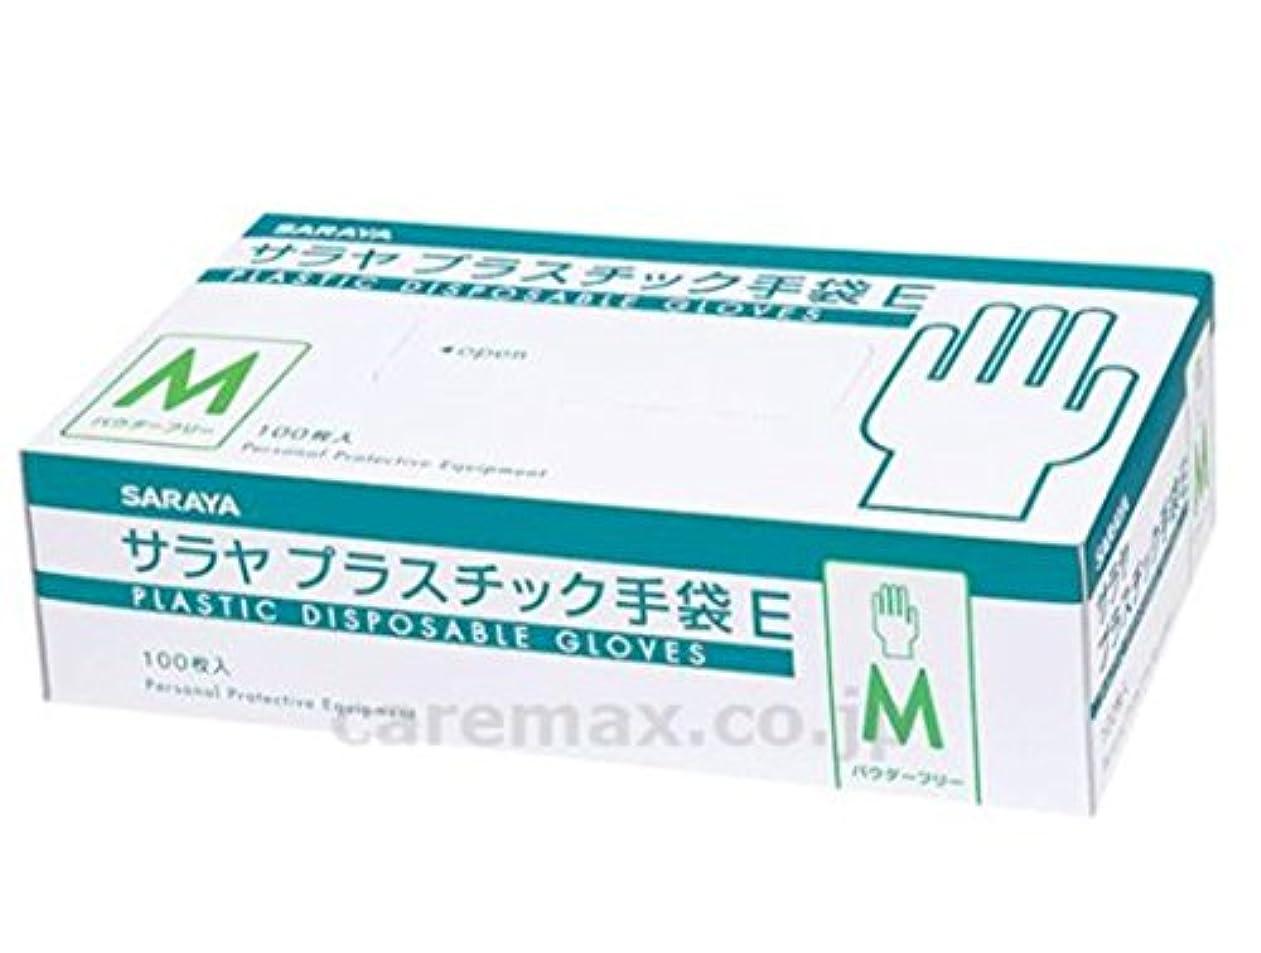 干渉最も早い剃るサラヤ 使い捨て手袋 プラスチック手袋E 粉なし Mサイズ 100枚入